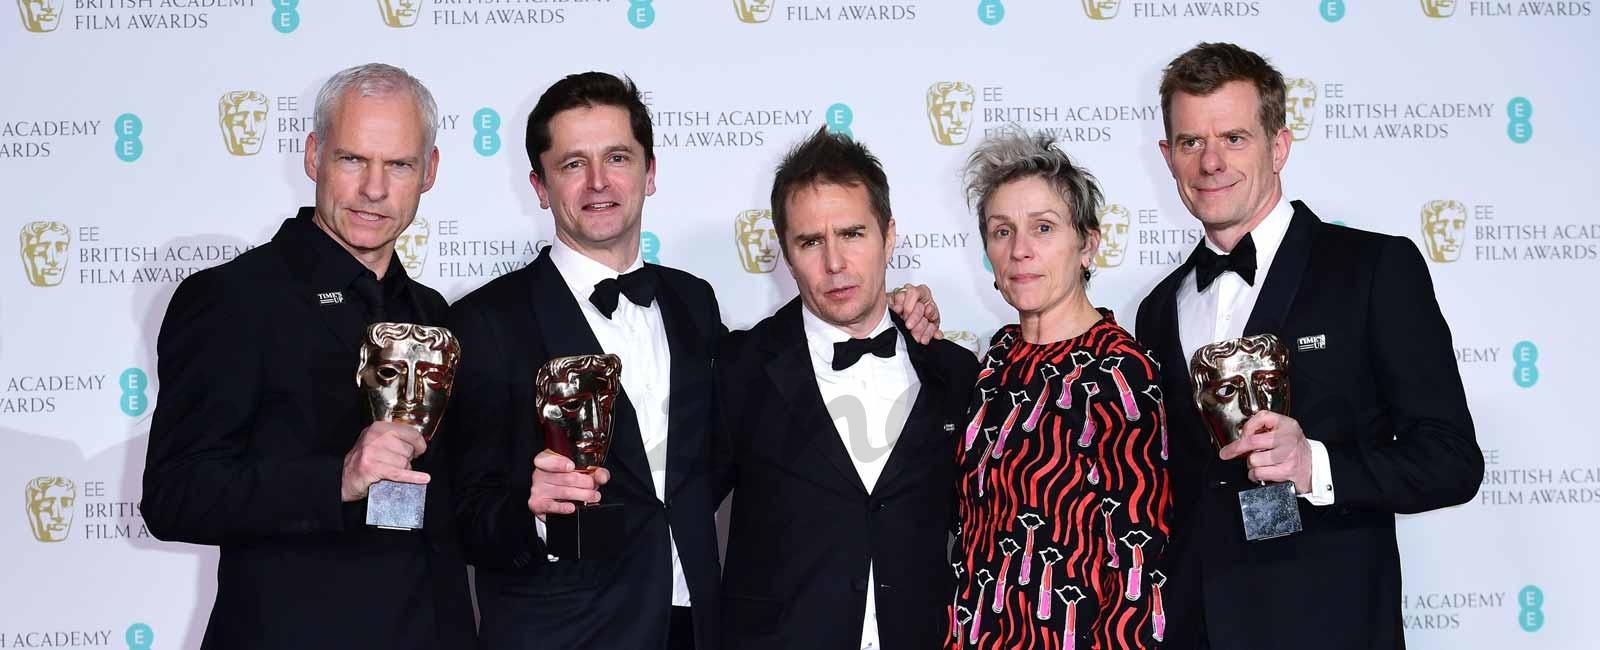 Premios Bafta 2018: Los Premiados